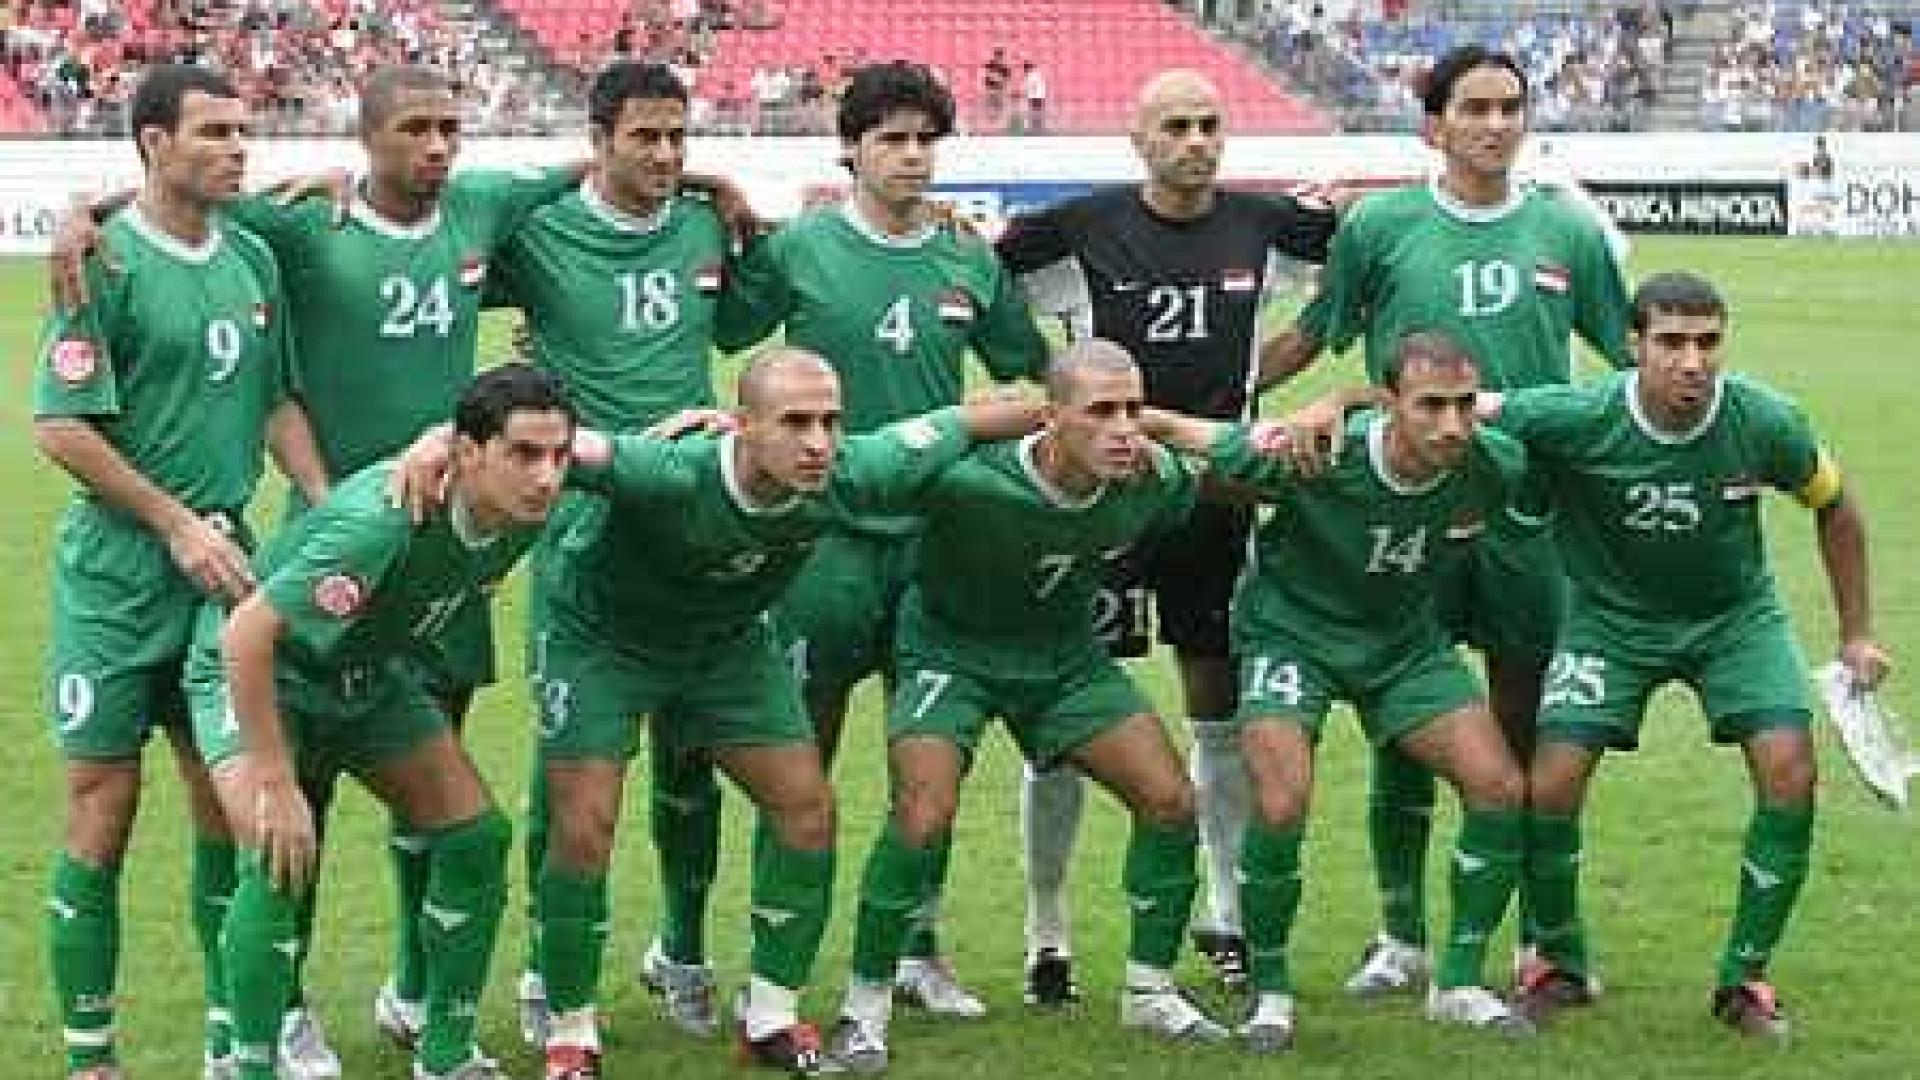 Iraque vence Catar na prorrogação e se garante no Rio-2016 no futebol ca7b2e20aa291